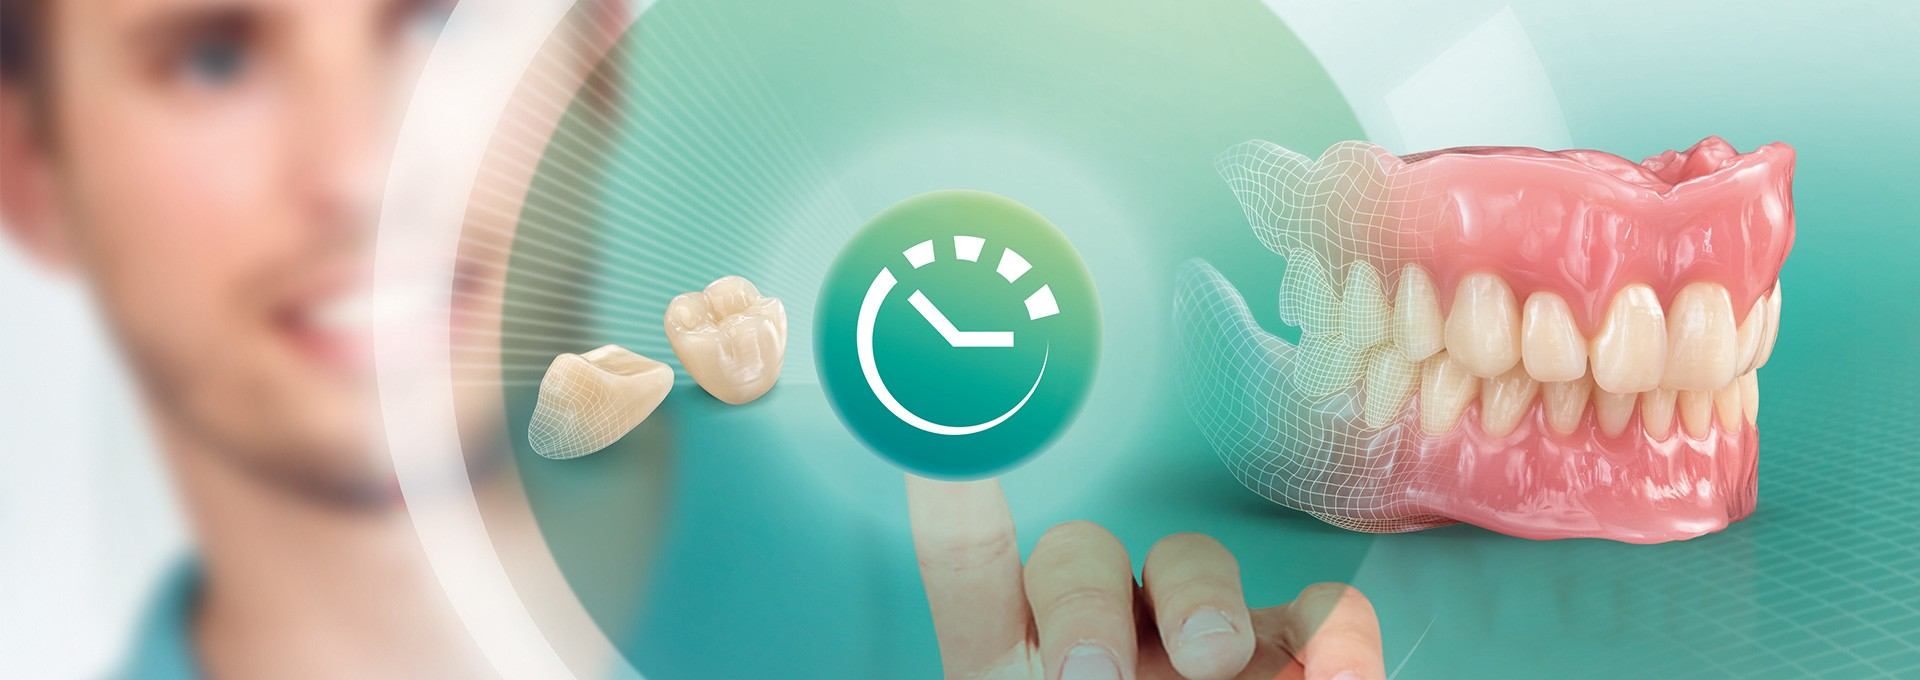 Con dientes preconfeccionados se confecciona una prótesis digital estética con solo pulsar un botón.